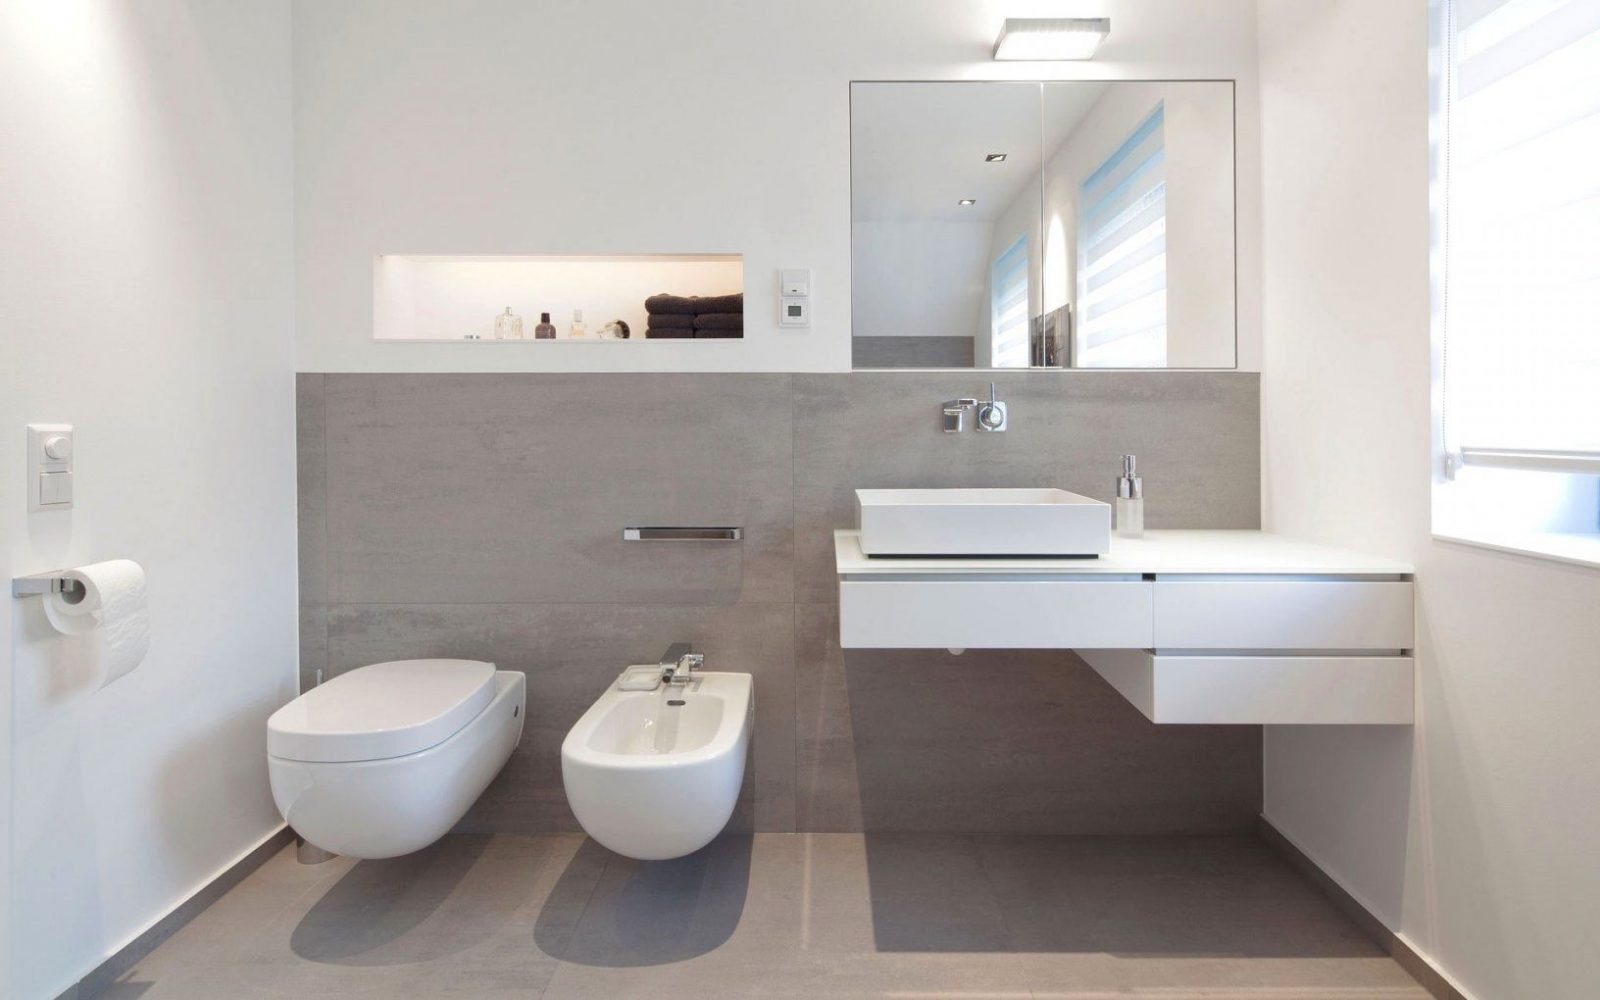 Badezimmer Fliesen Braun Weiß